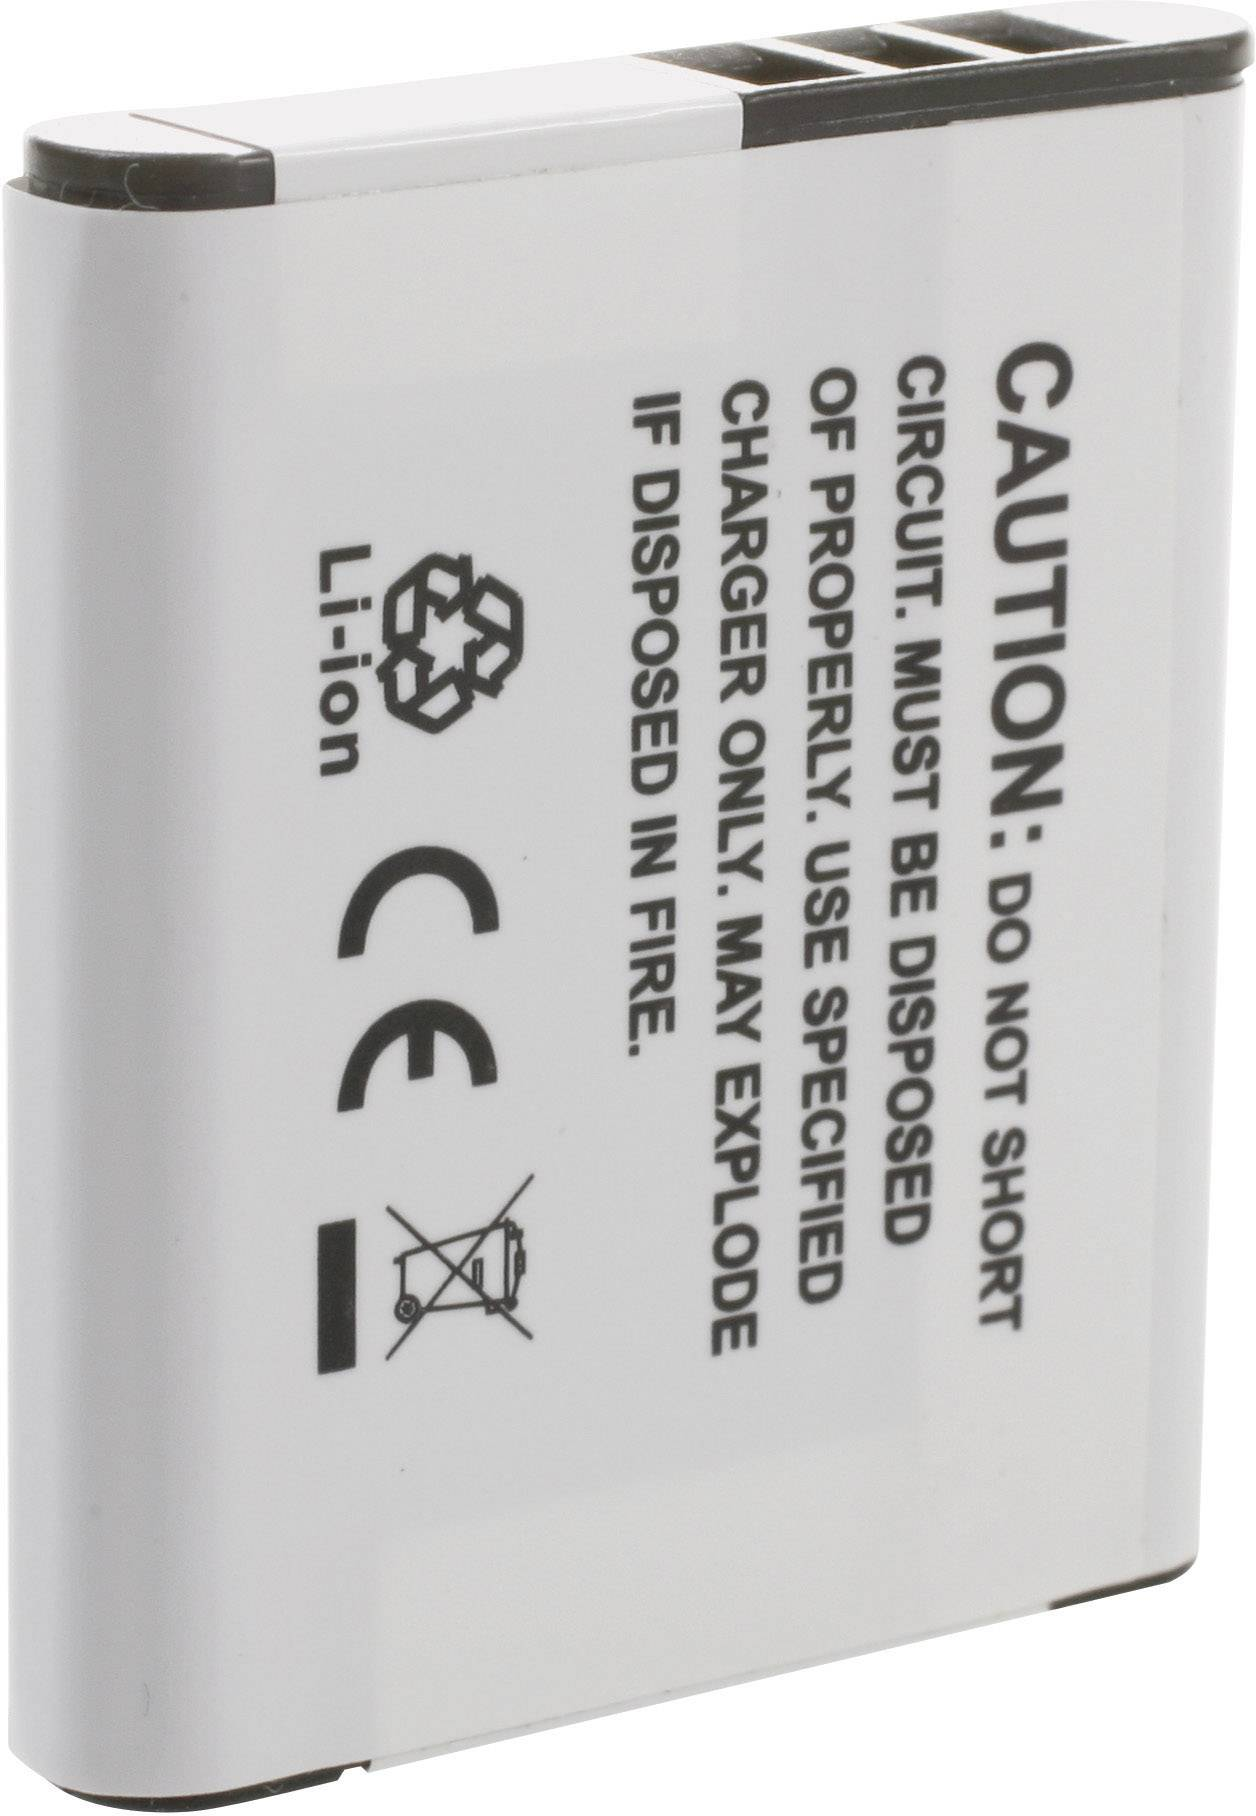 Akumulátor do kamery Conrad energy LI-50B, D-Li 92, DB-100 LI50B, 600 mAh